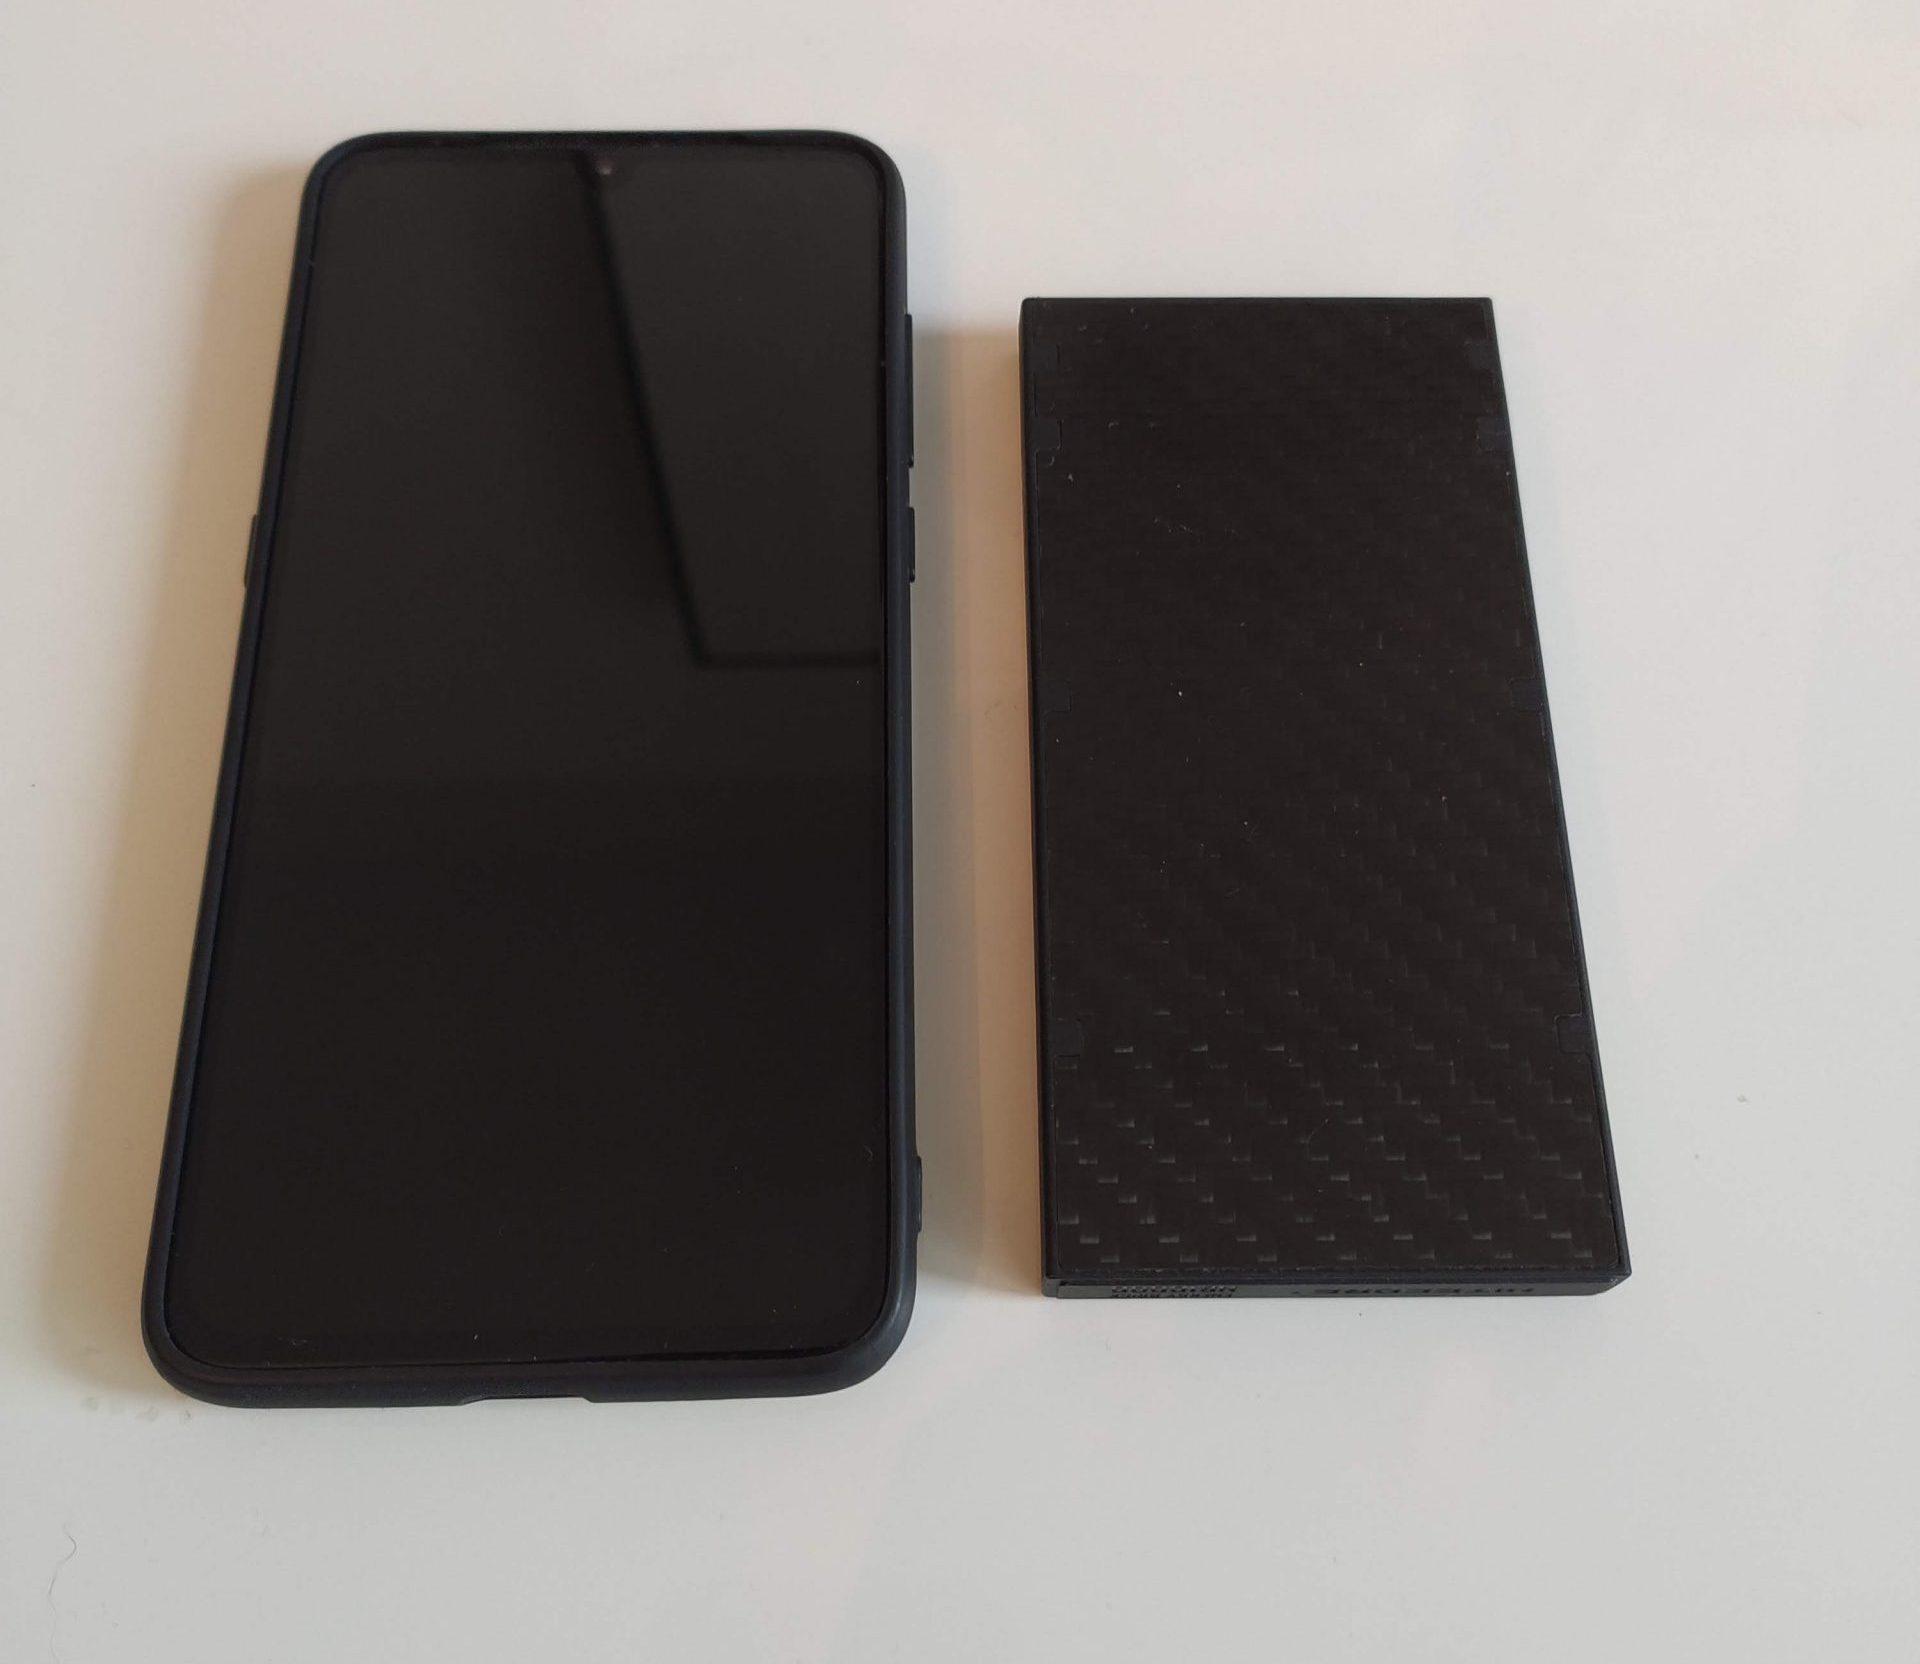 Nitecore NB10000 neben einem Xiaomi Mi 9 Smartphone